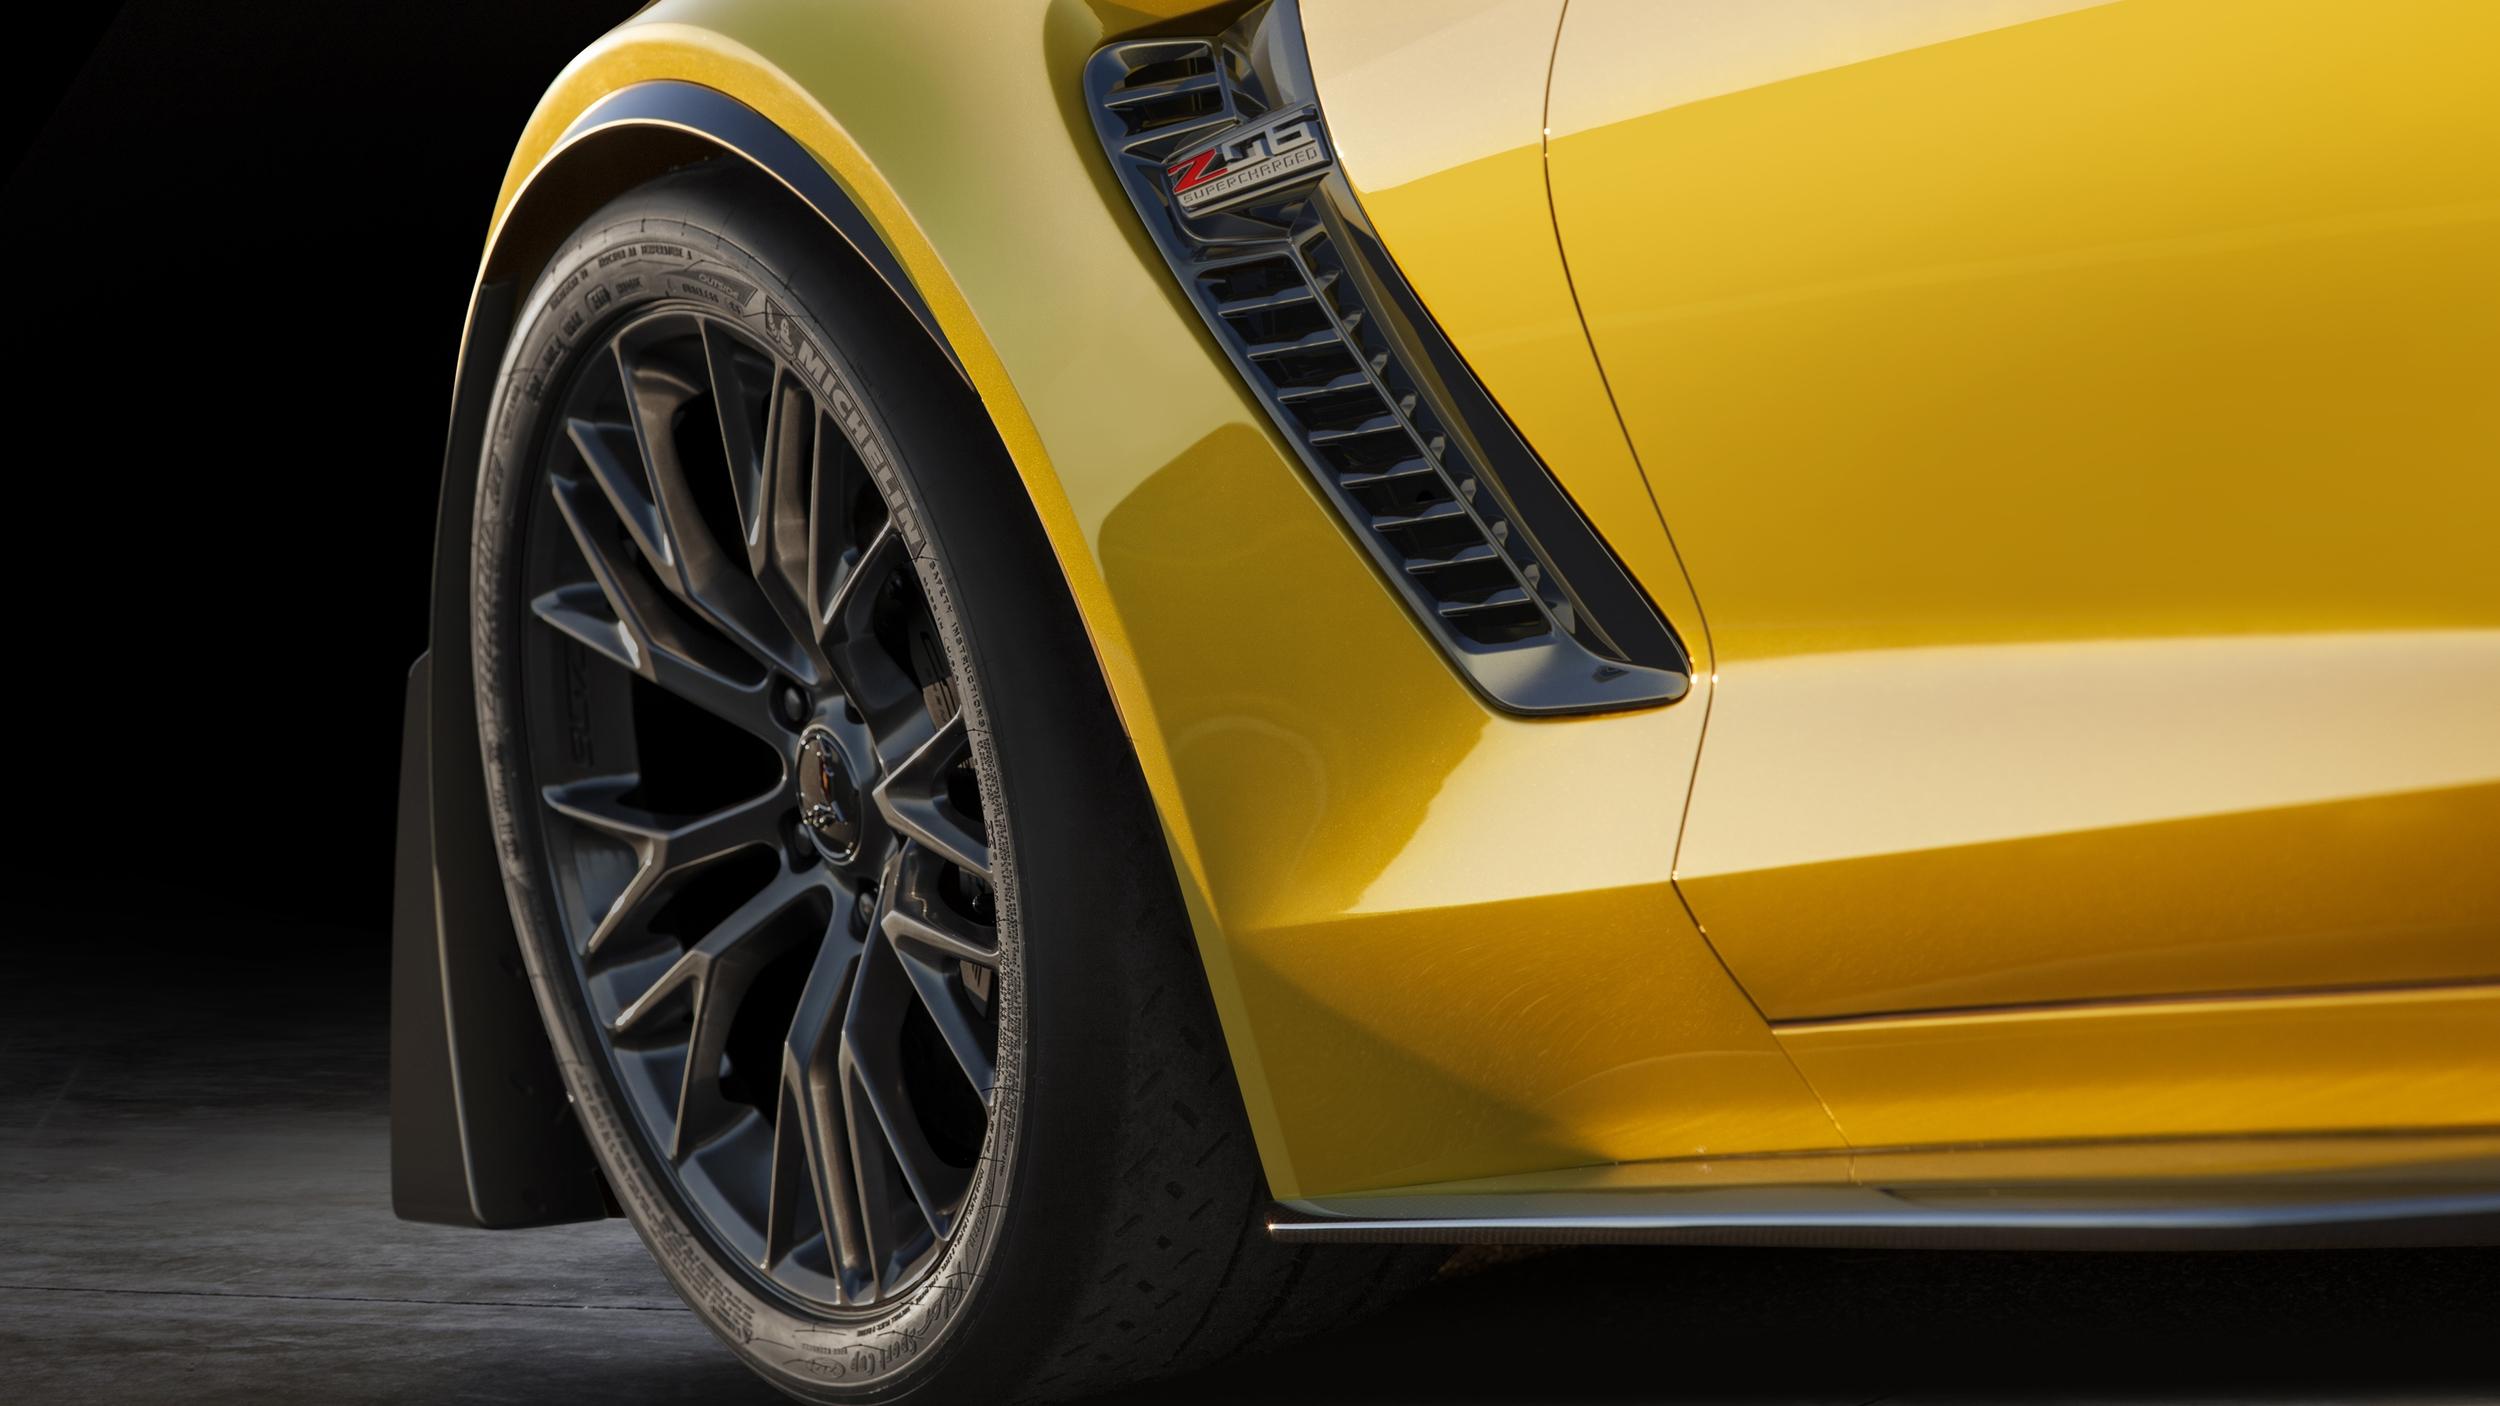 2015-Chevrolet-CorvetteZ06-001.jpg